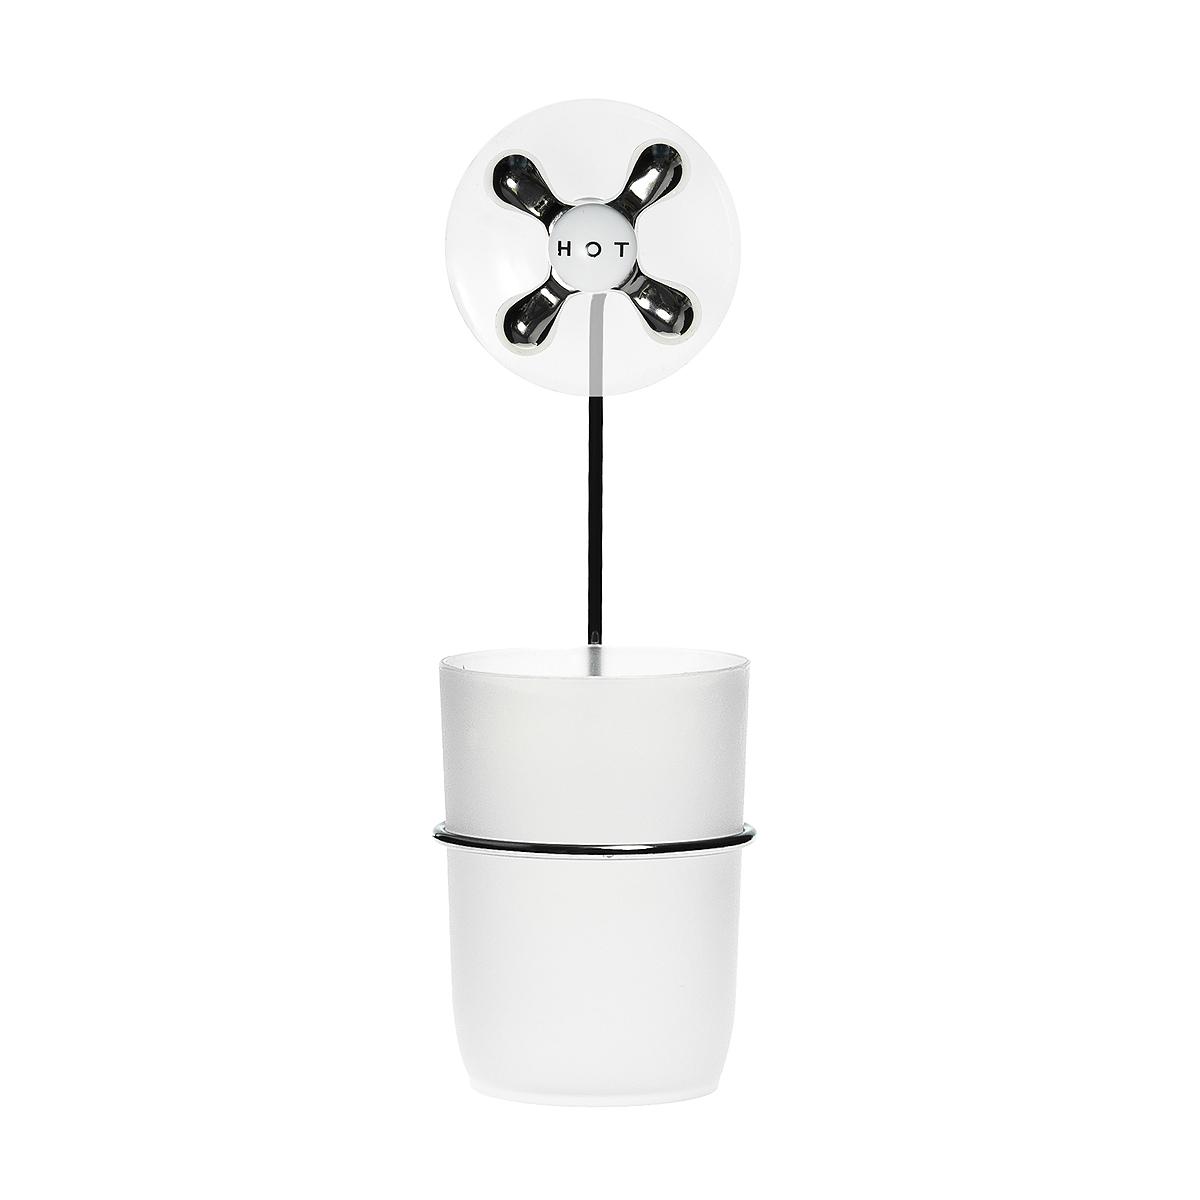 Стакан для ванной комнаты Fresh Code Кран, с держателем12723Стакан для ванной комнаты Fresh Code Кран изготовлен из высокопрочного матового пластика. Для стакана предусмотрен специальный держатель, выполненный из стали с хромированным покрытием. Держатель крепится к стене при помощи присоски, украшенной фигуркой в виде вентиля крана. В стакане удобно хранить зубные щетки, пасту и другие принадлежности. Аксессуары для ванной комнаты Fresh Code стильно украсят интерьер и добавят в обычную обстановку яркие и модные акценты. Стакан идеально подойдет к любому стилю ванной комнаты. Размер стакана: 7 см х 7 см х 10 см. Высота держателя: 15 см.